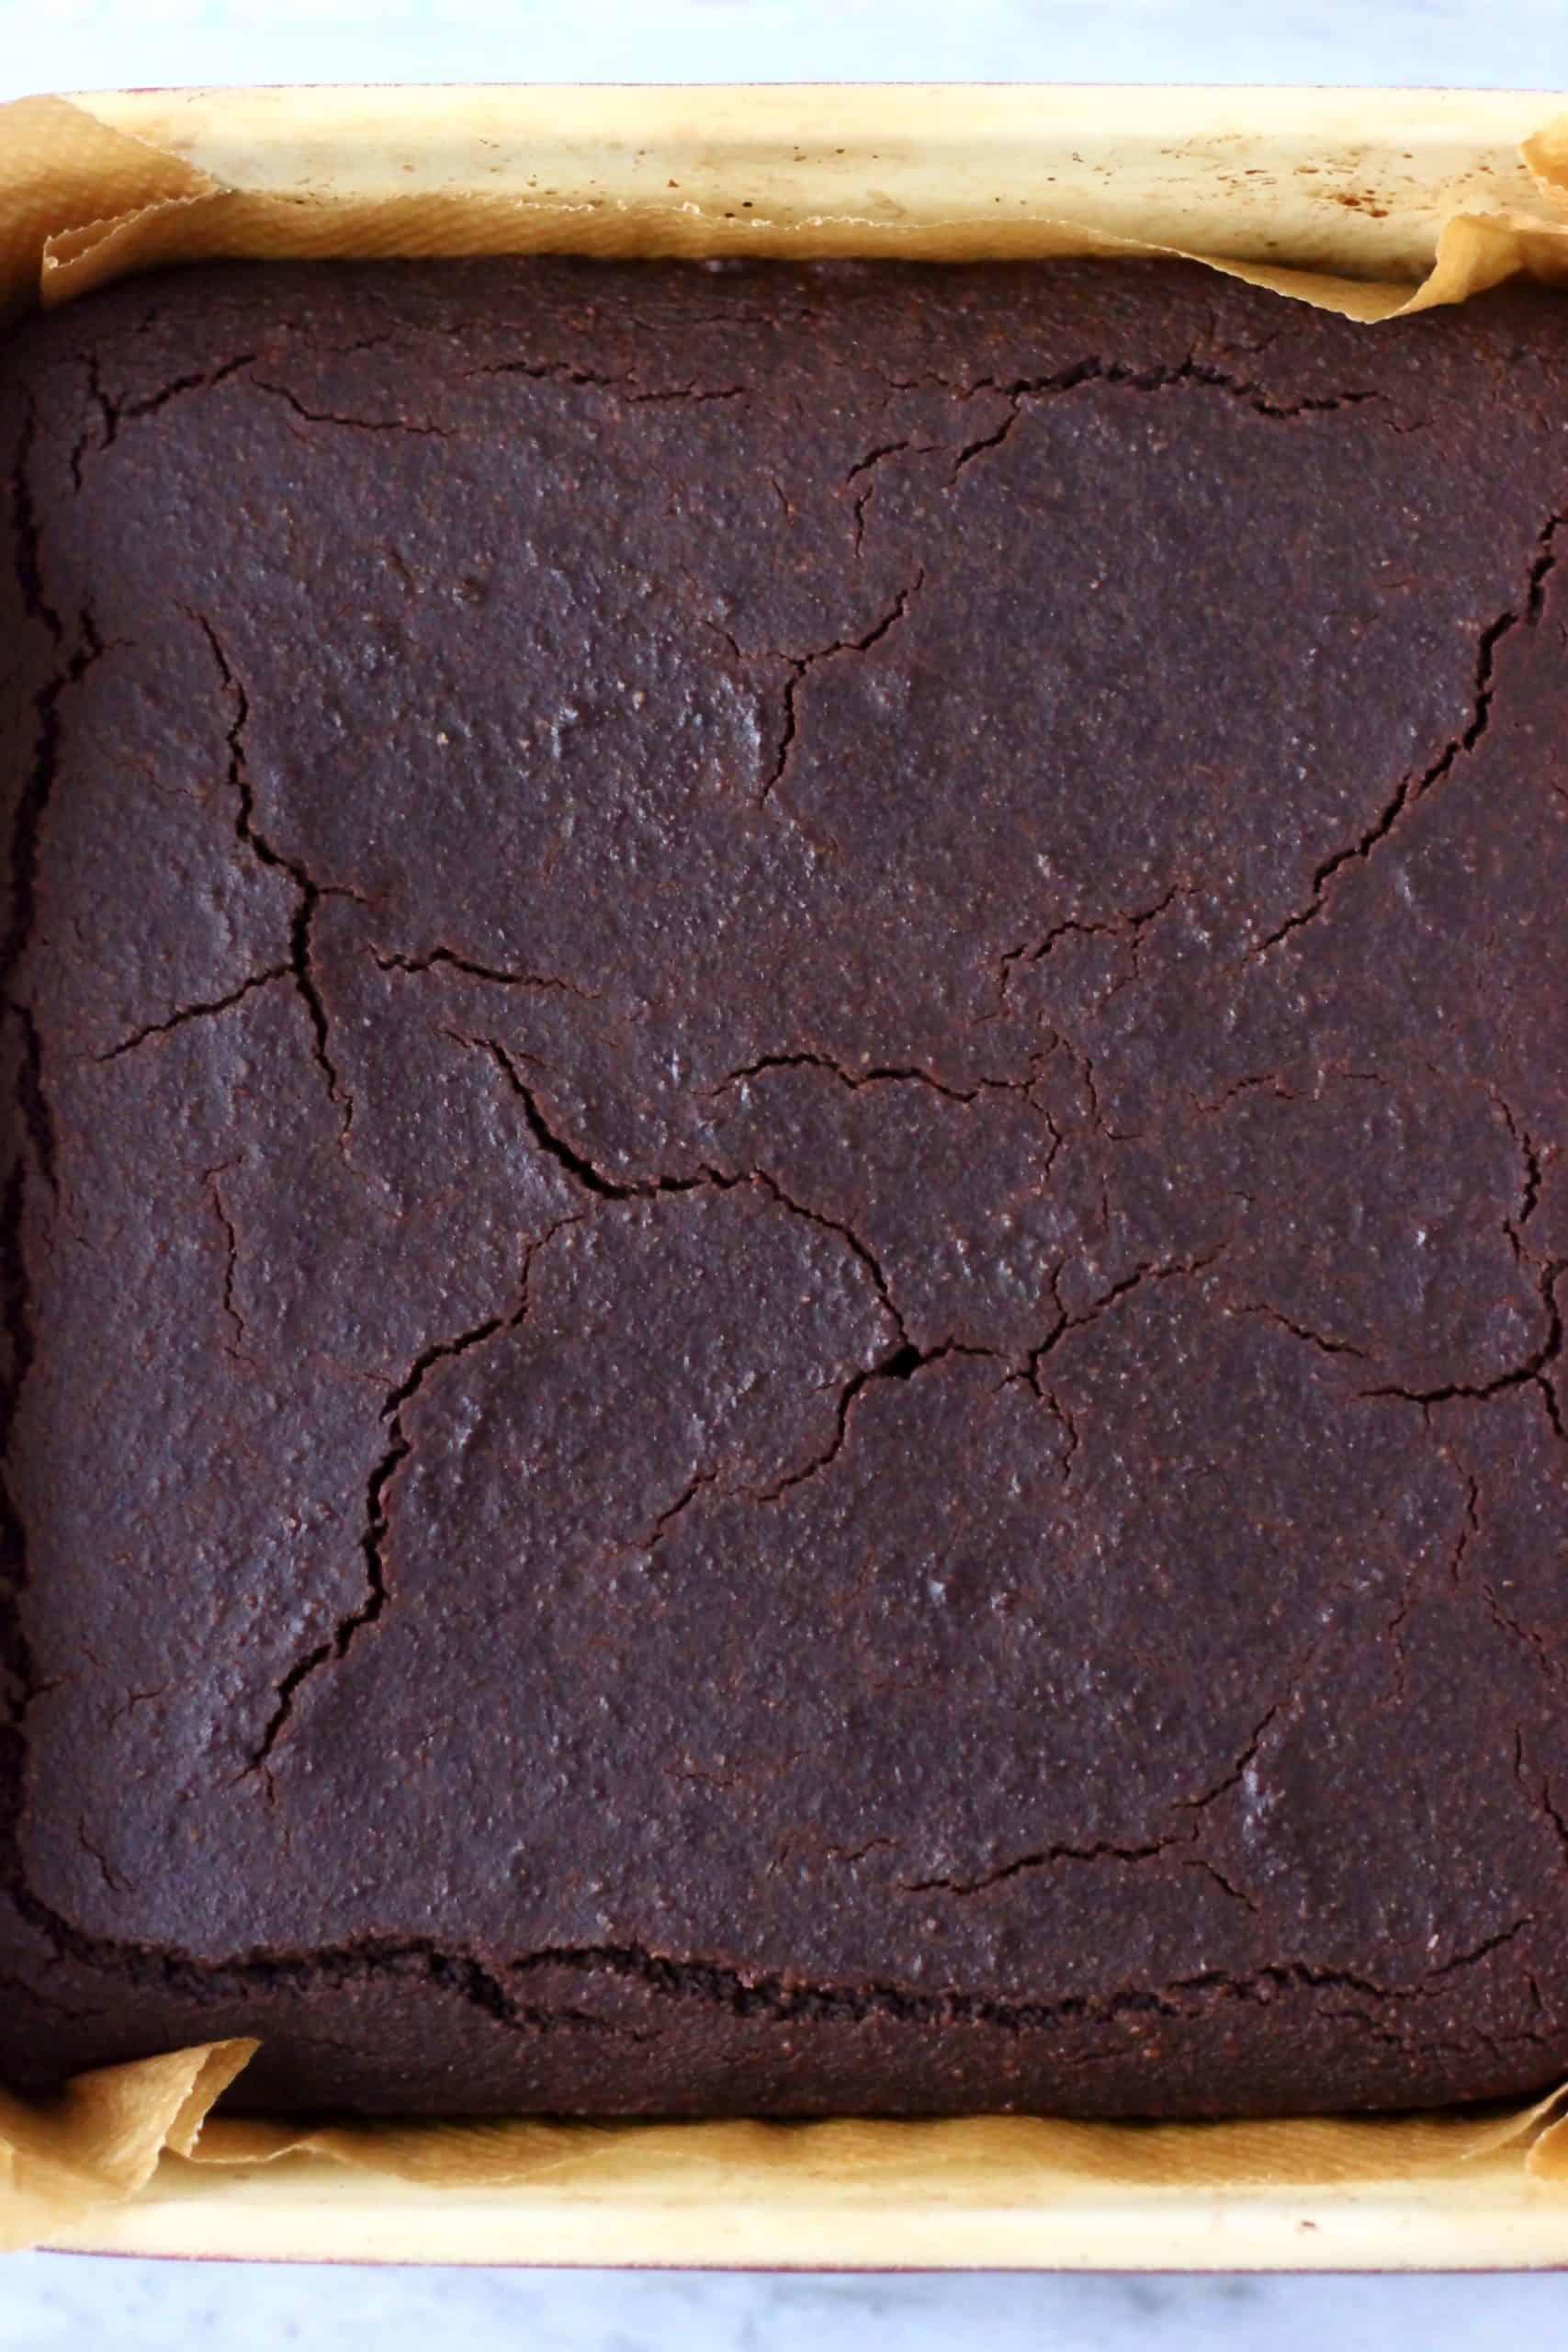 Gluten-free vegan yule log chocolate sponge in a square baking tin